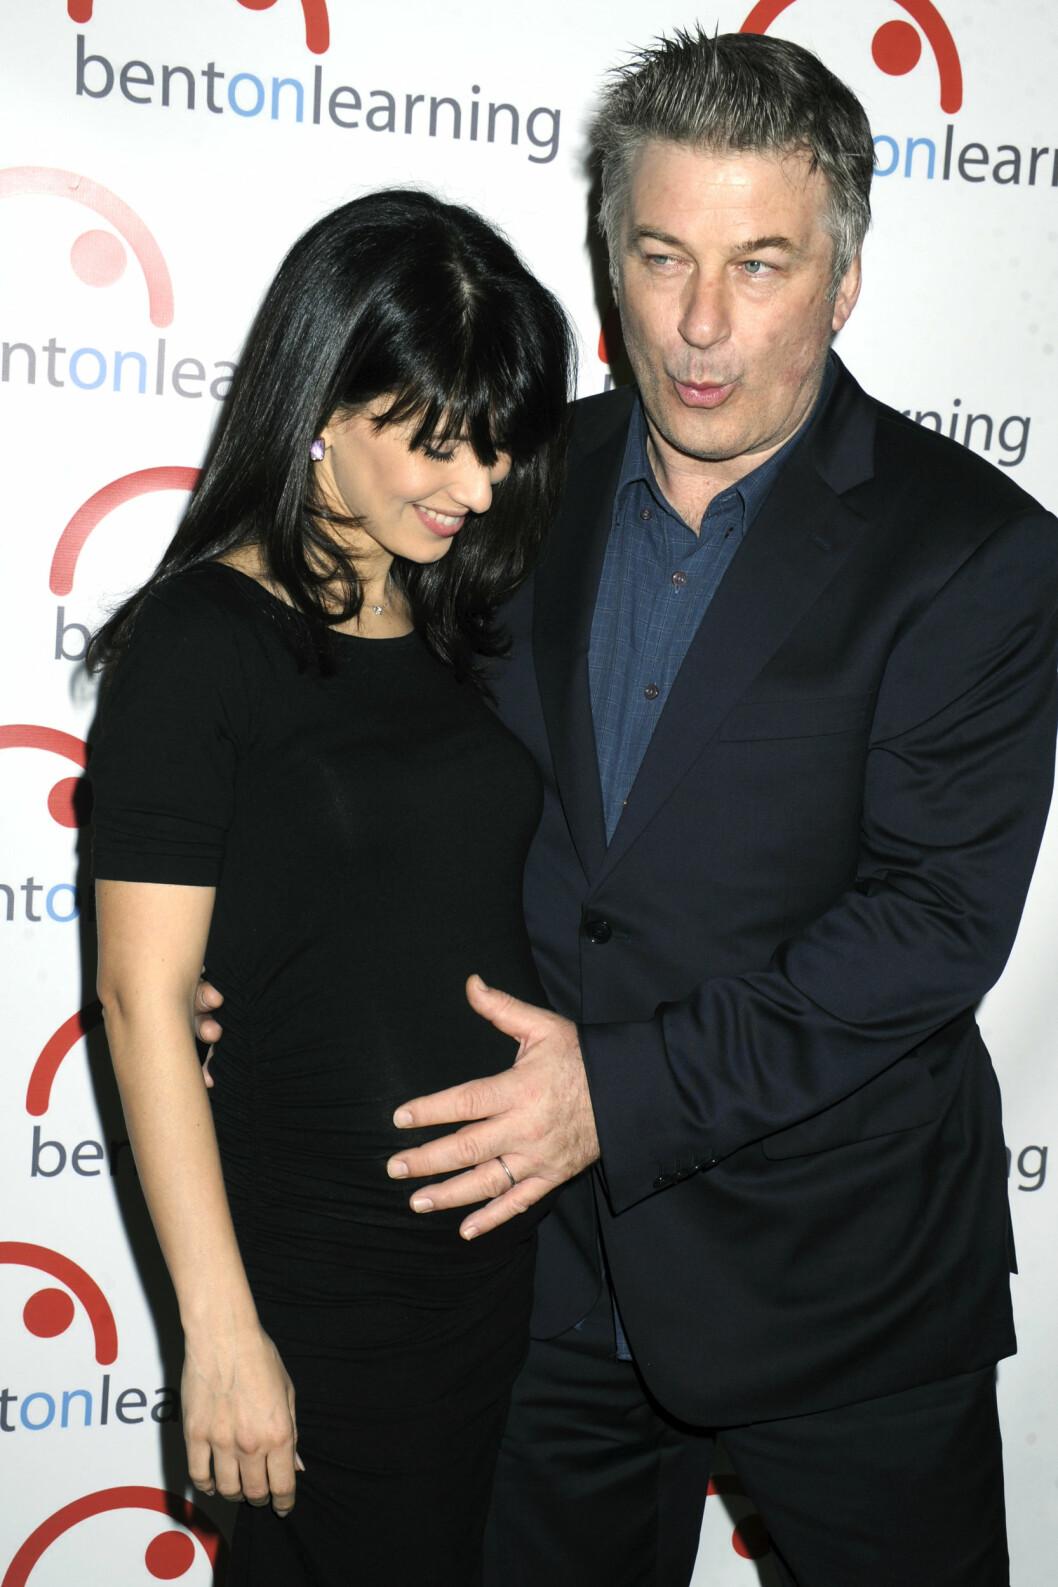 BOLLE I OVNEN: Det er ingen tvil om at Alec Baldwin er stolt over sin gravide kone. Her fra en galla i New York 10. mars. Foto: NTB Scanpix